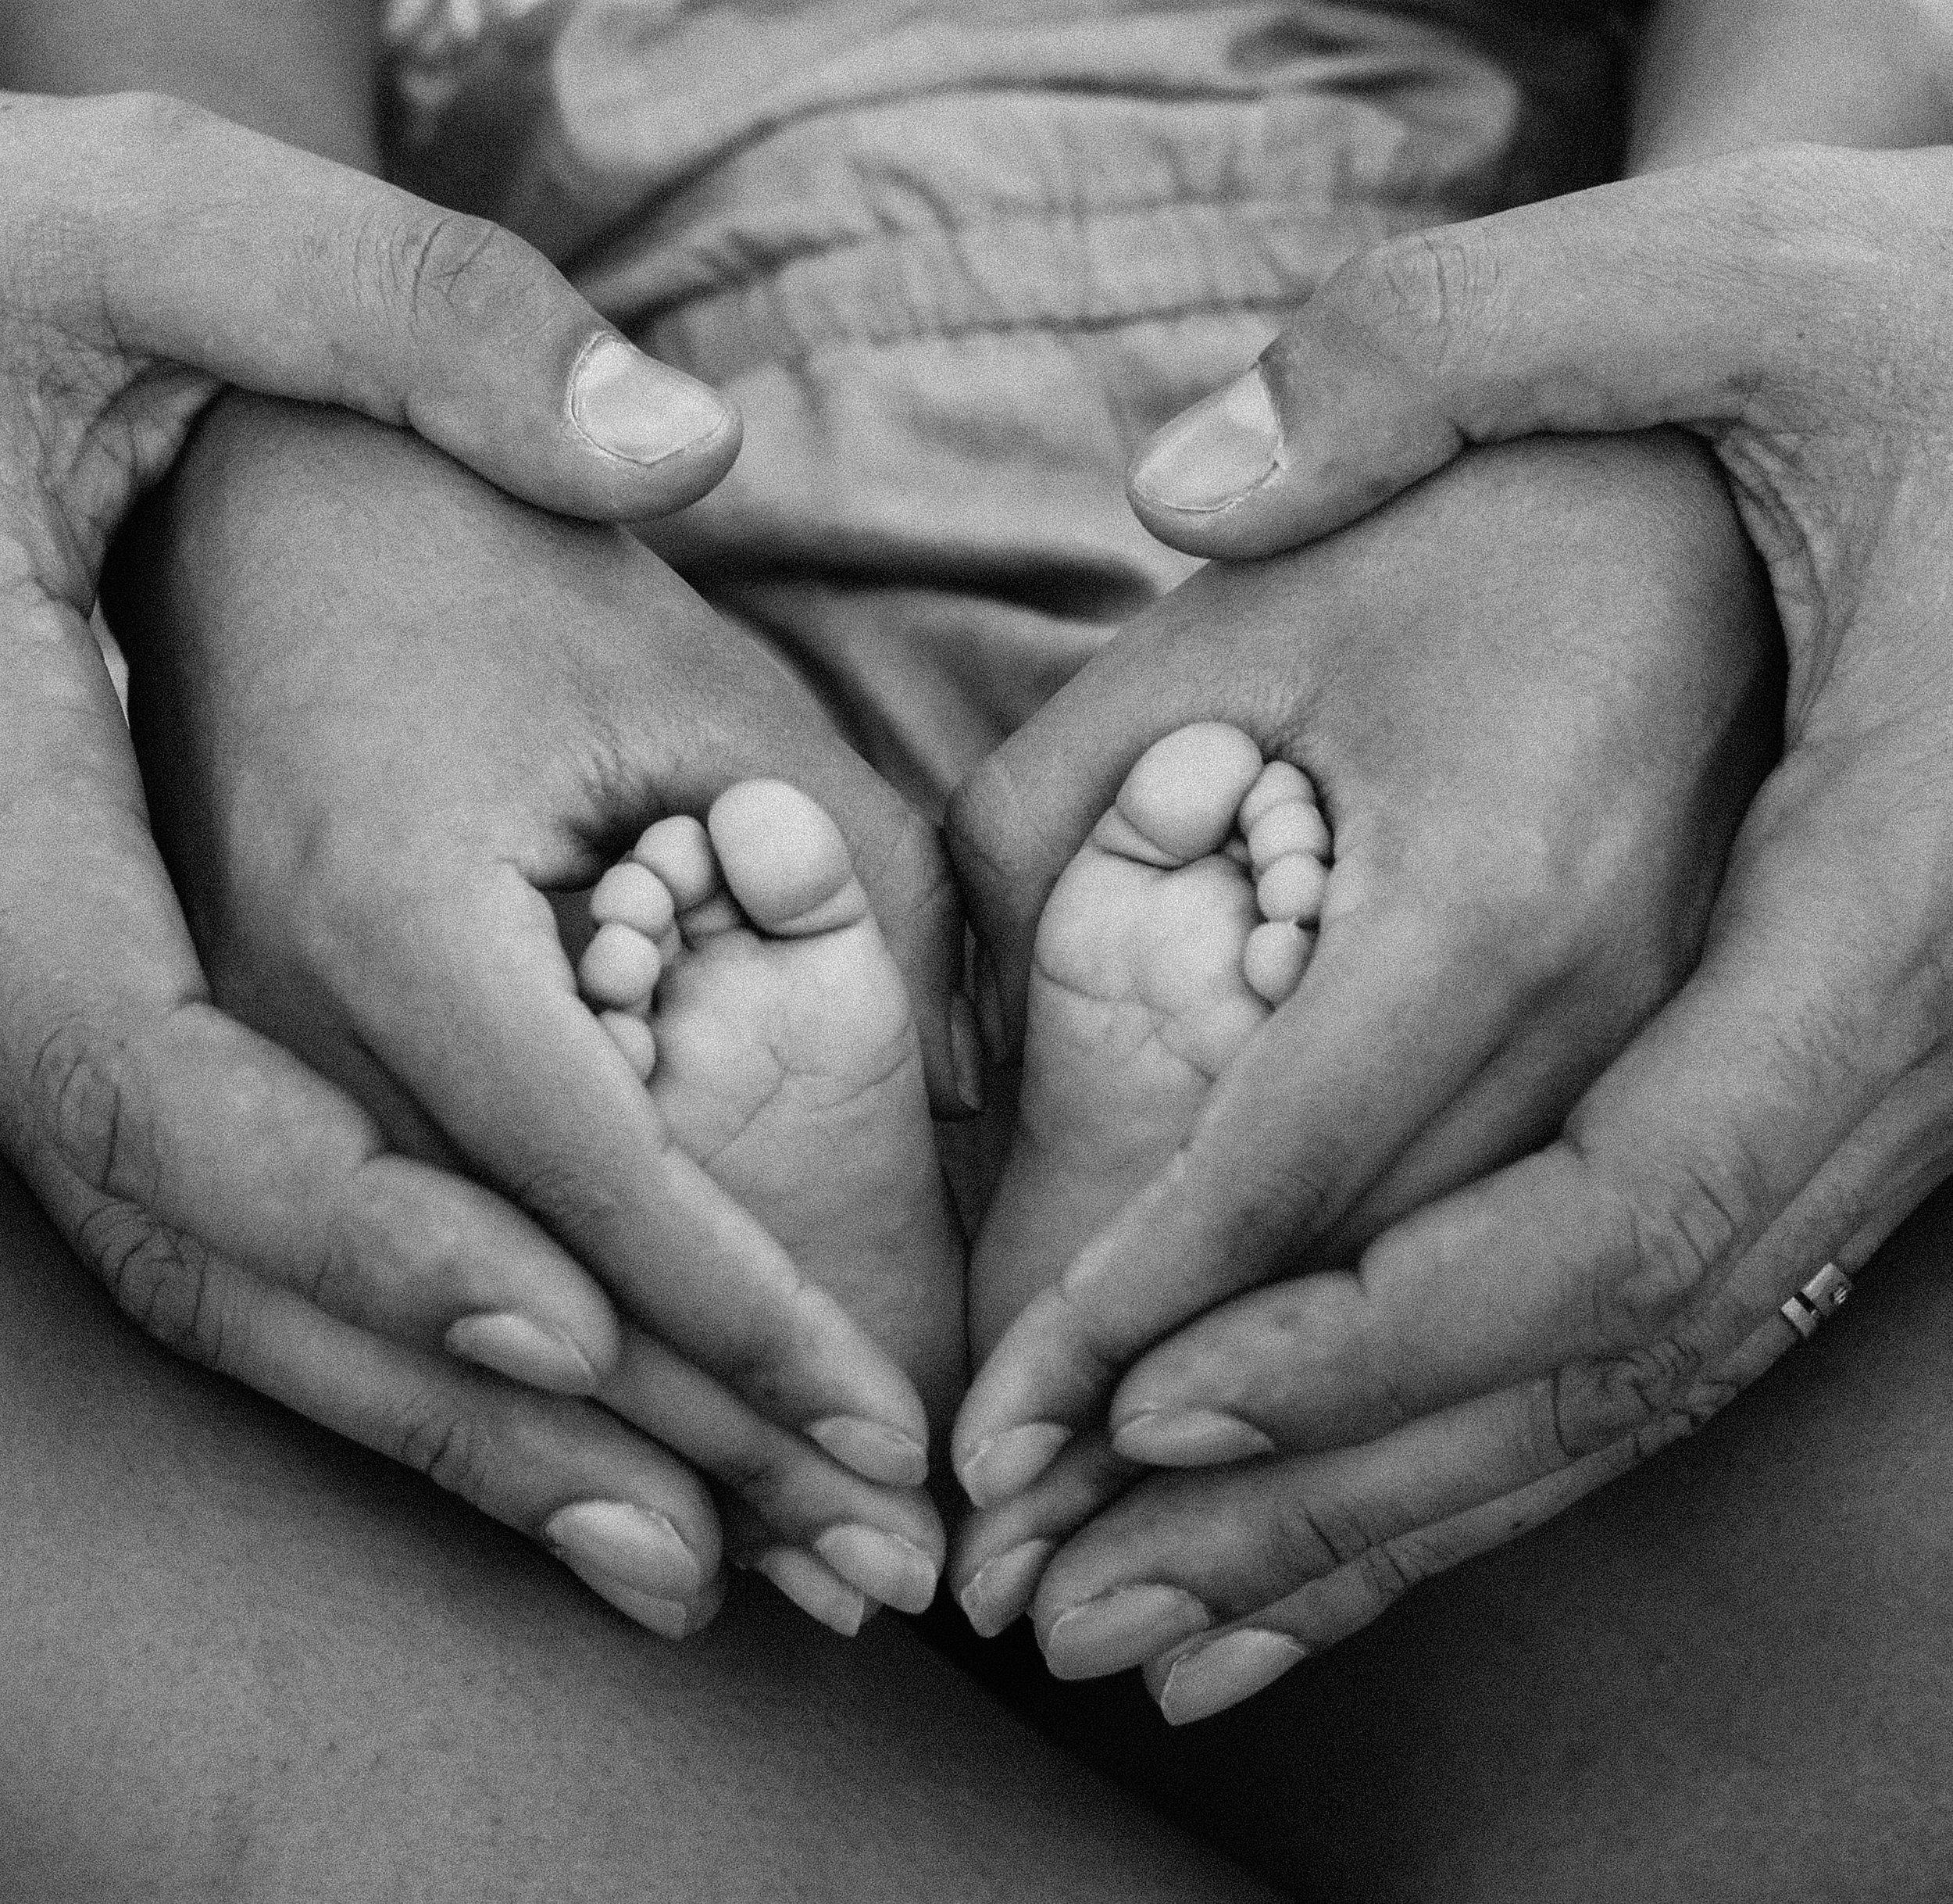 affection-baby-birth-1912359.jpg